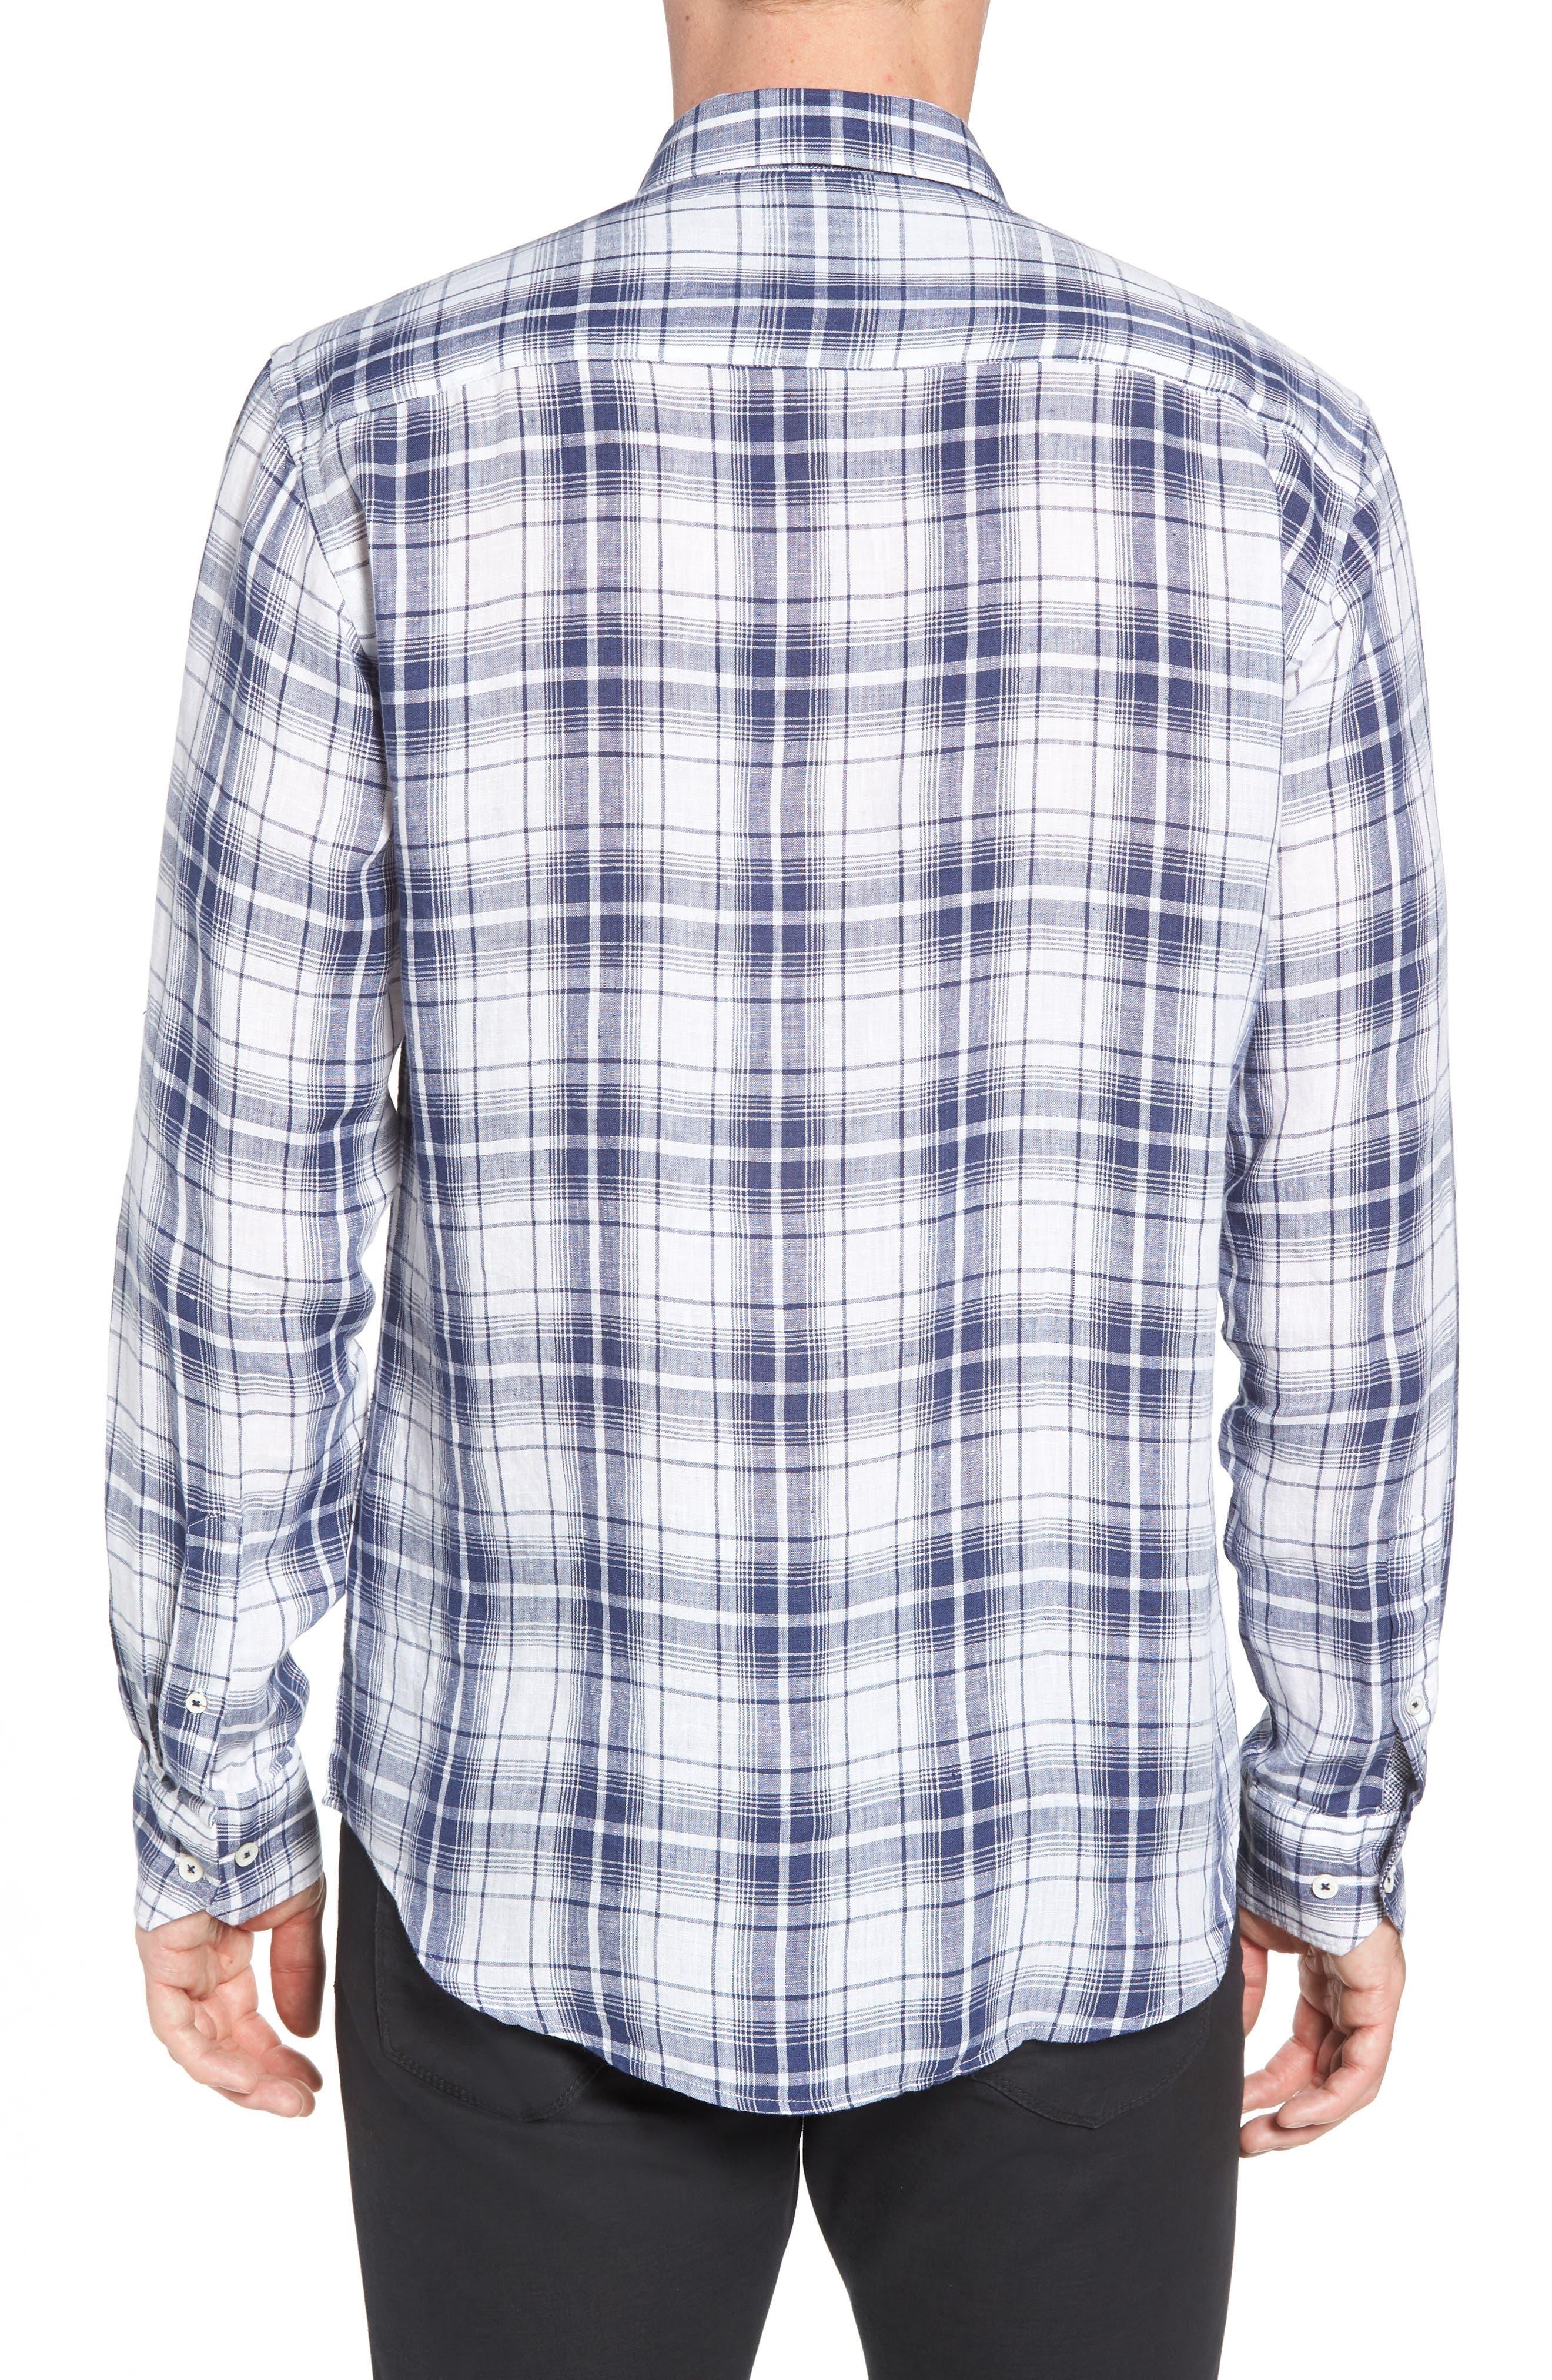 BUGATCHI,                             Shaped Fit Plaid Linen Sport Shirt,                             Alternate thumbnail 2, color,                             411